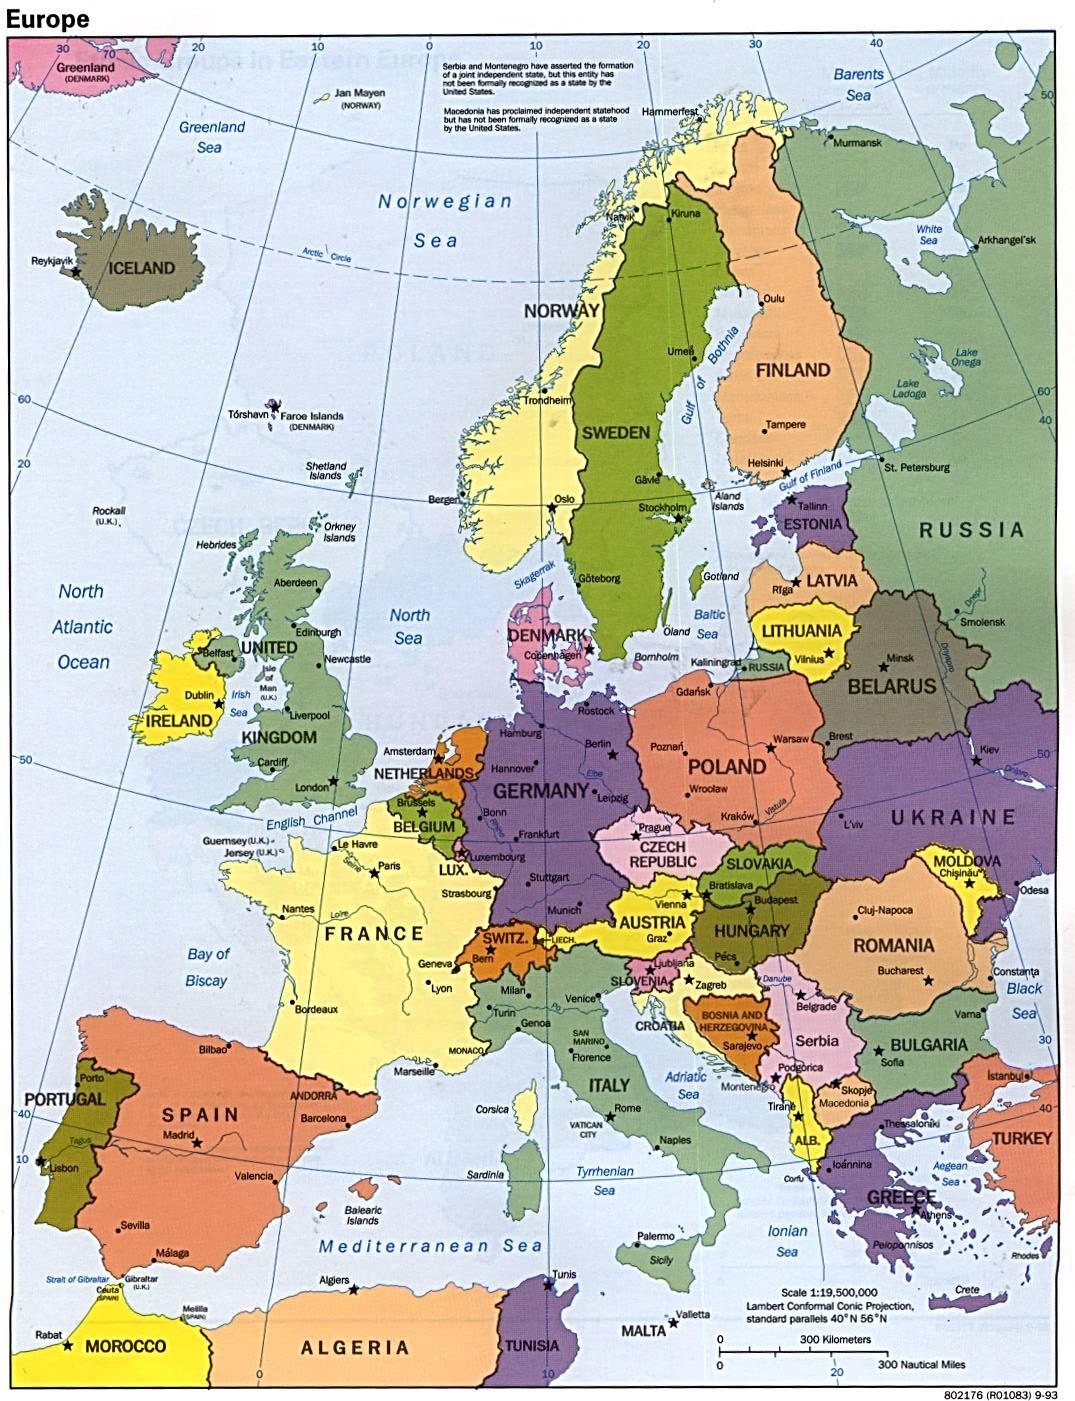 Mapa Politico de Europa 1993